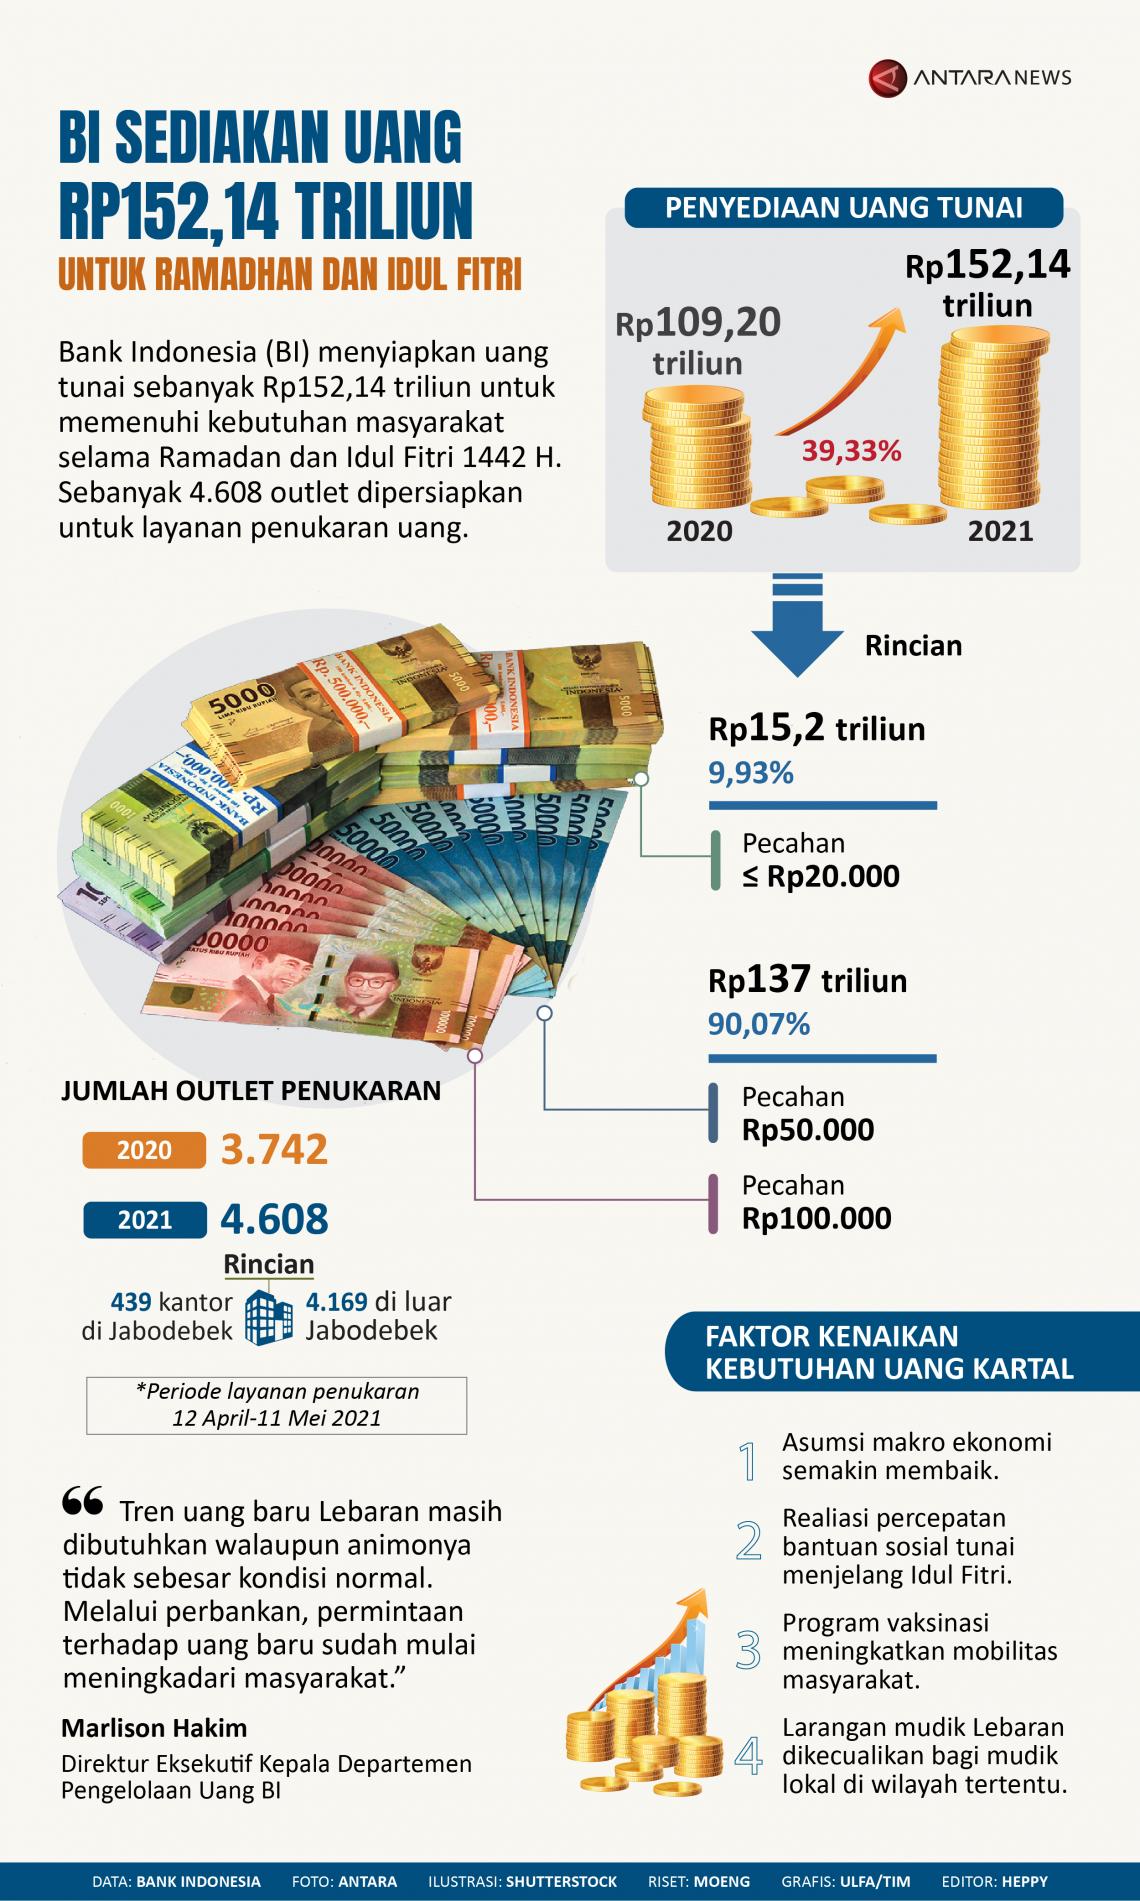 BI sediakan uang Rp152,14 triliun untuk Ramadhan dan Idul Fitri